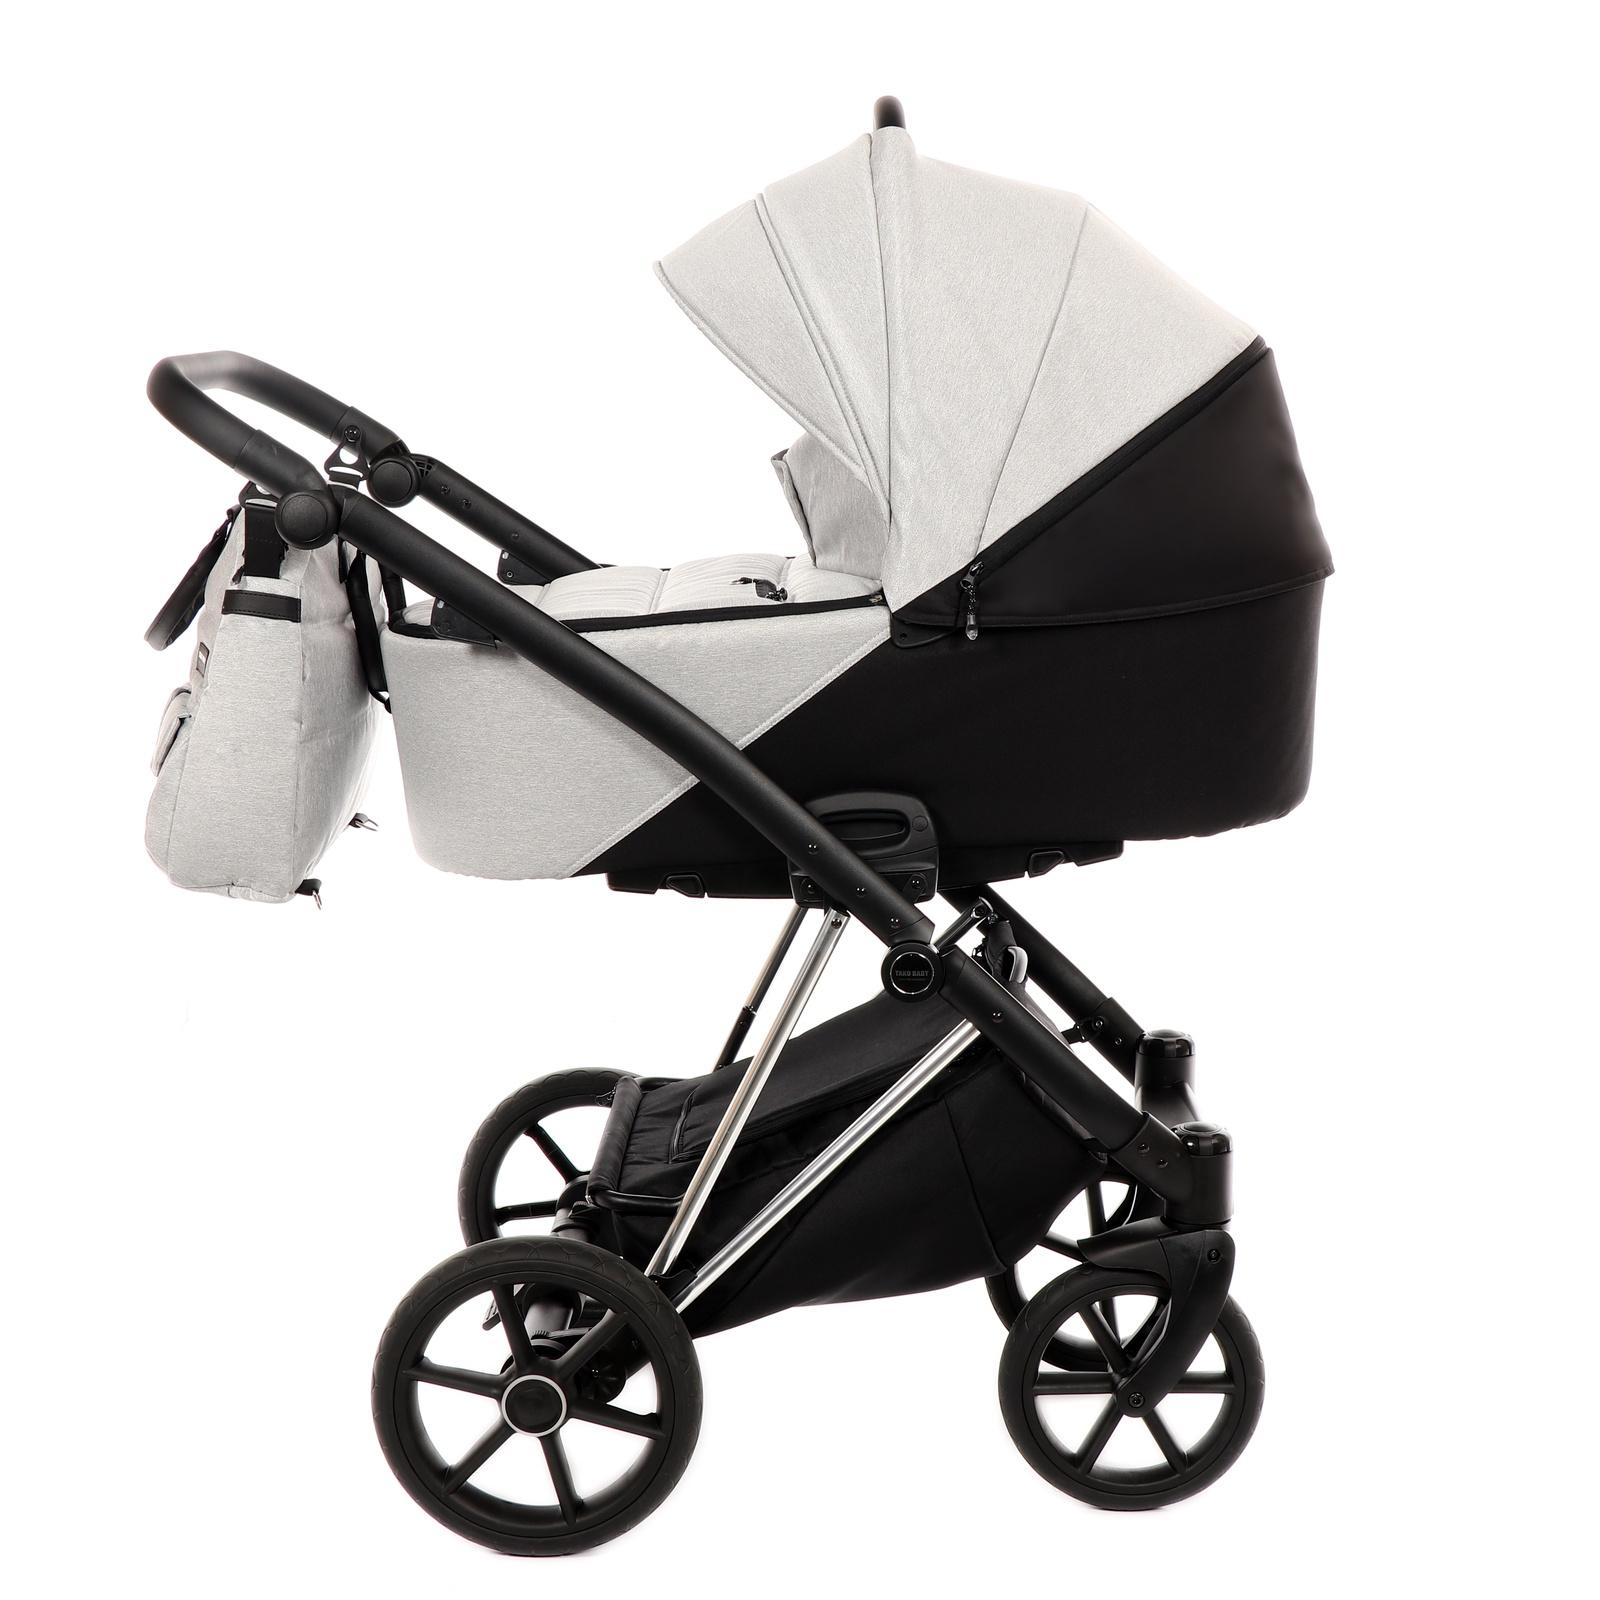 Коляска универсальная TAKO TJS-02 коляска 2 в 1 tako jumper style jumper v светло серый черный рама серебро tjs 02